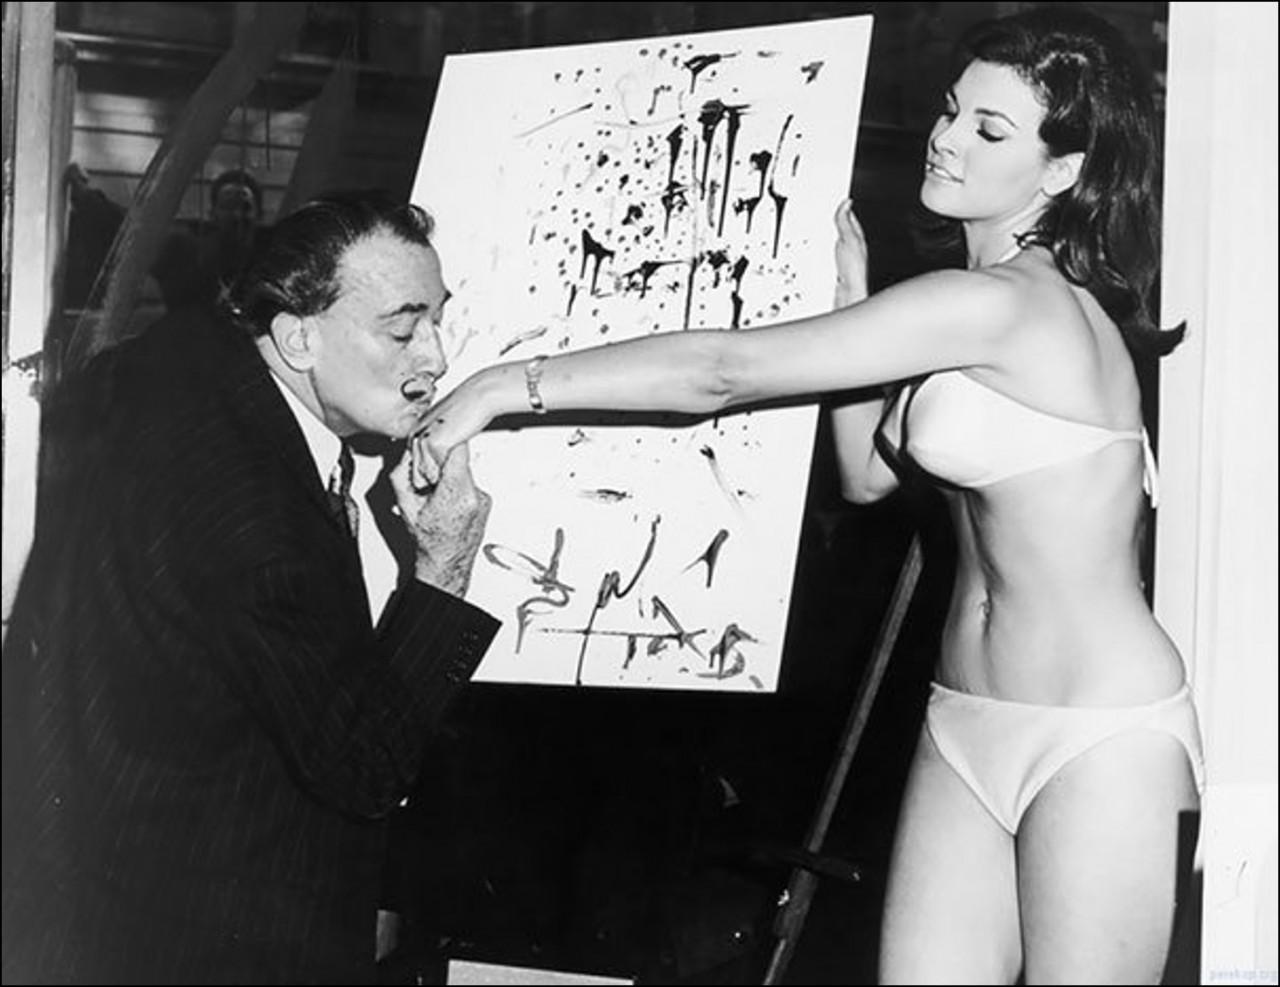 Сальвадор Дали целует руку Ракель Уэлш после окончания ее портрета, 1965 Историческая фотография, история, факты